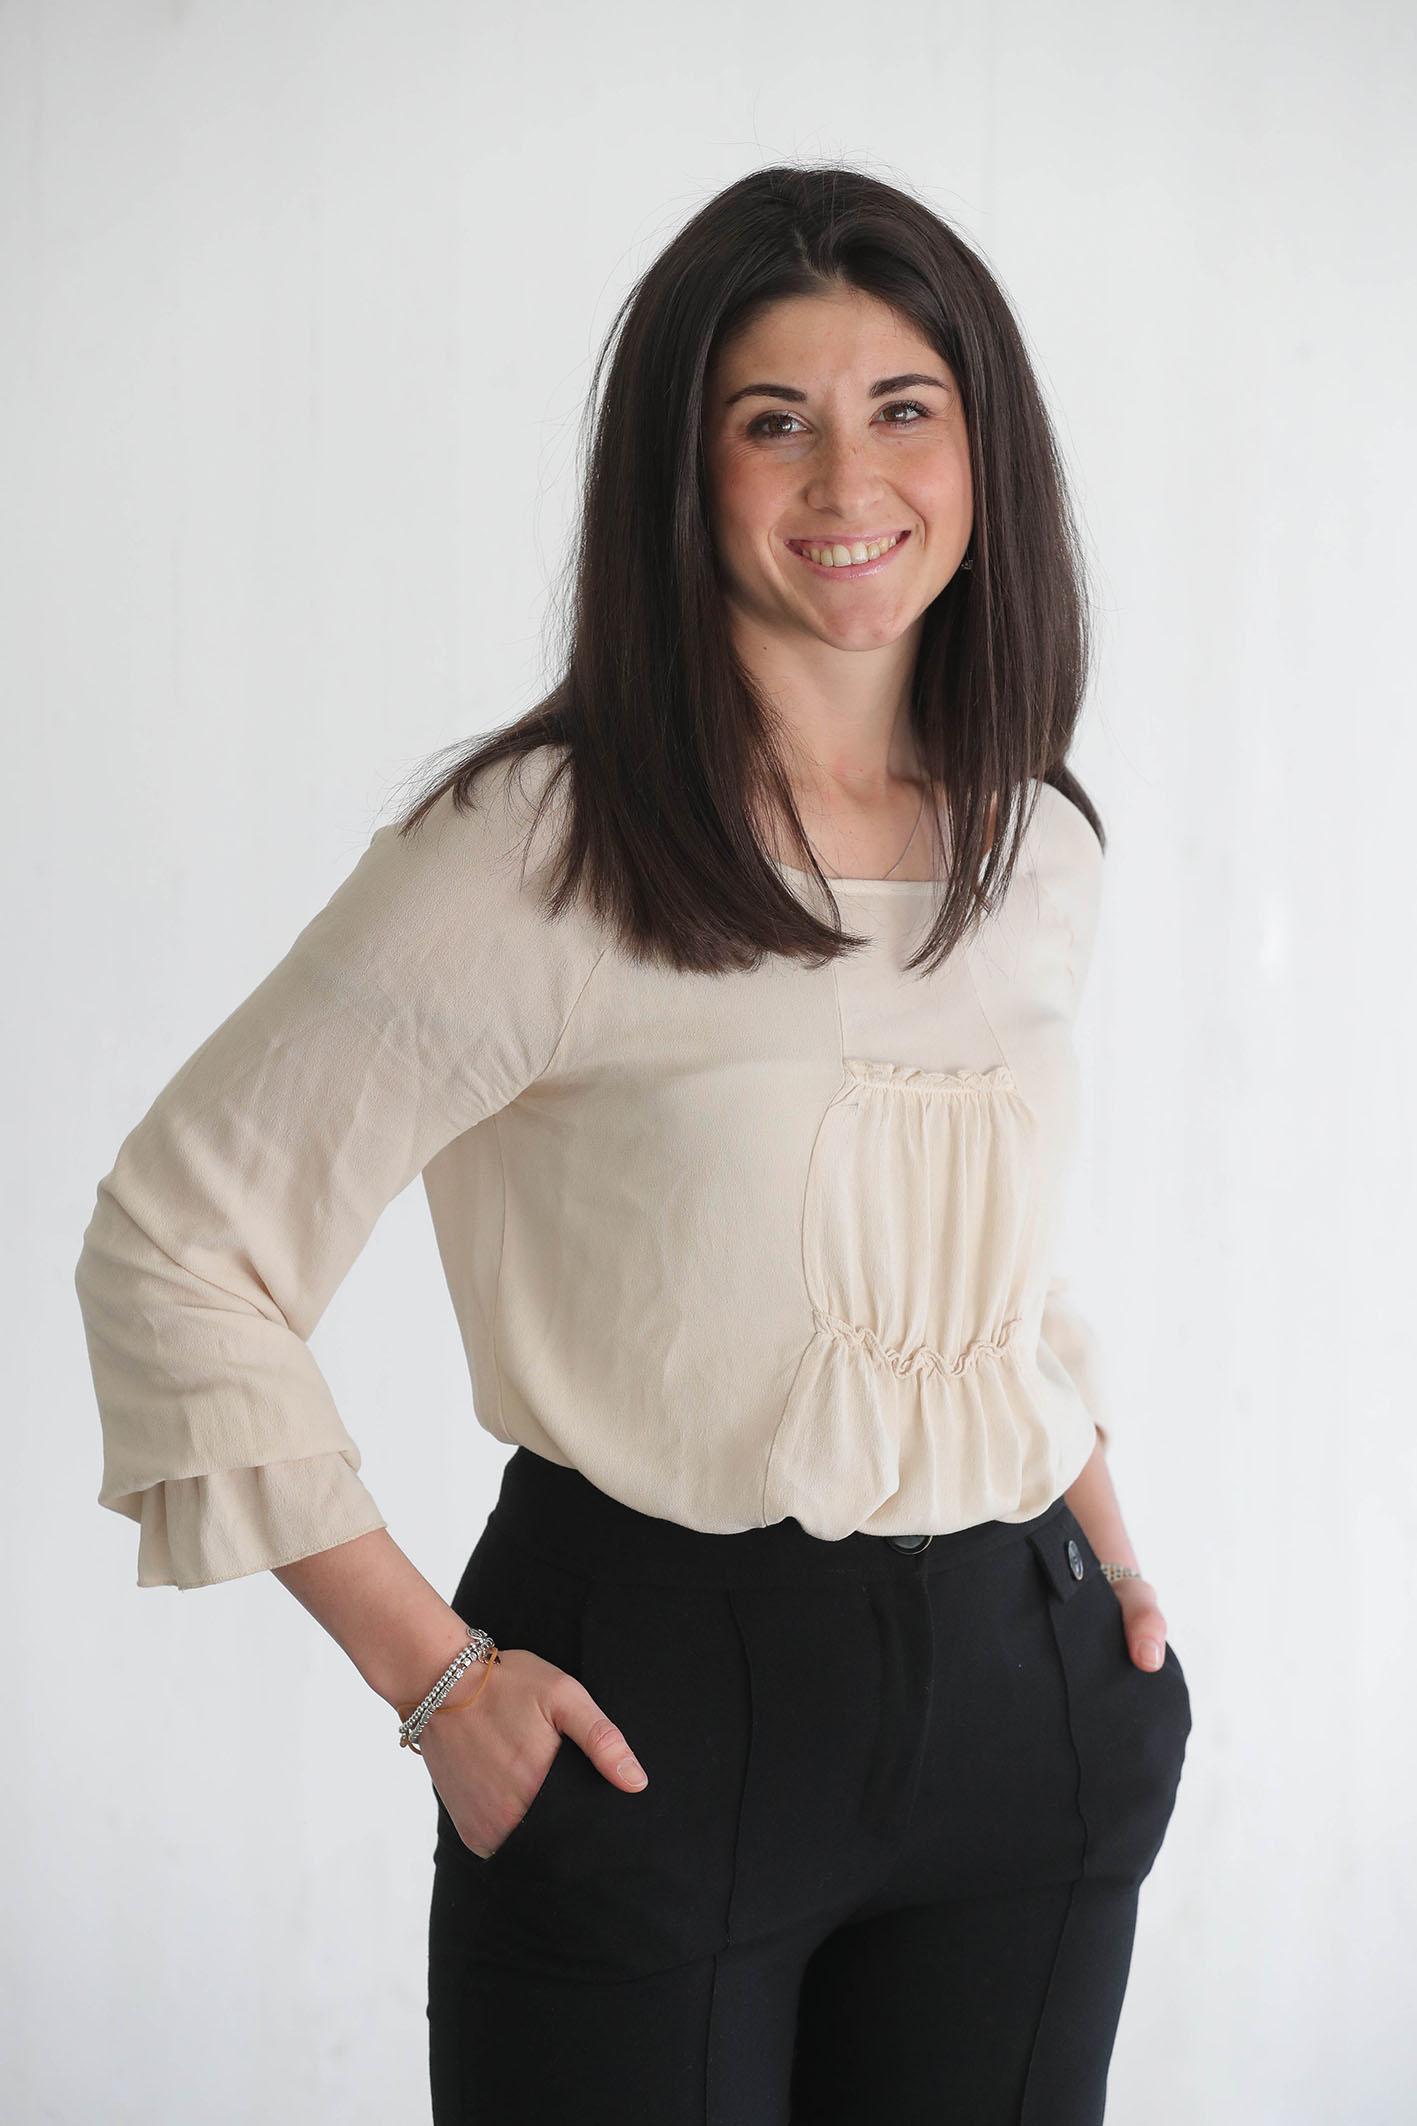 Erika Falasca